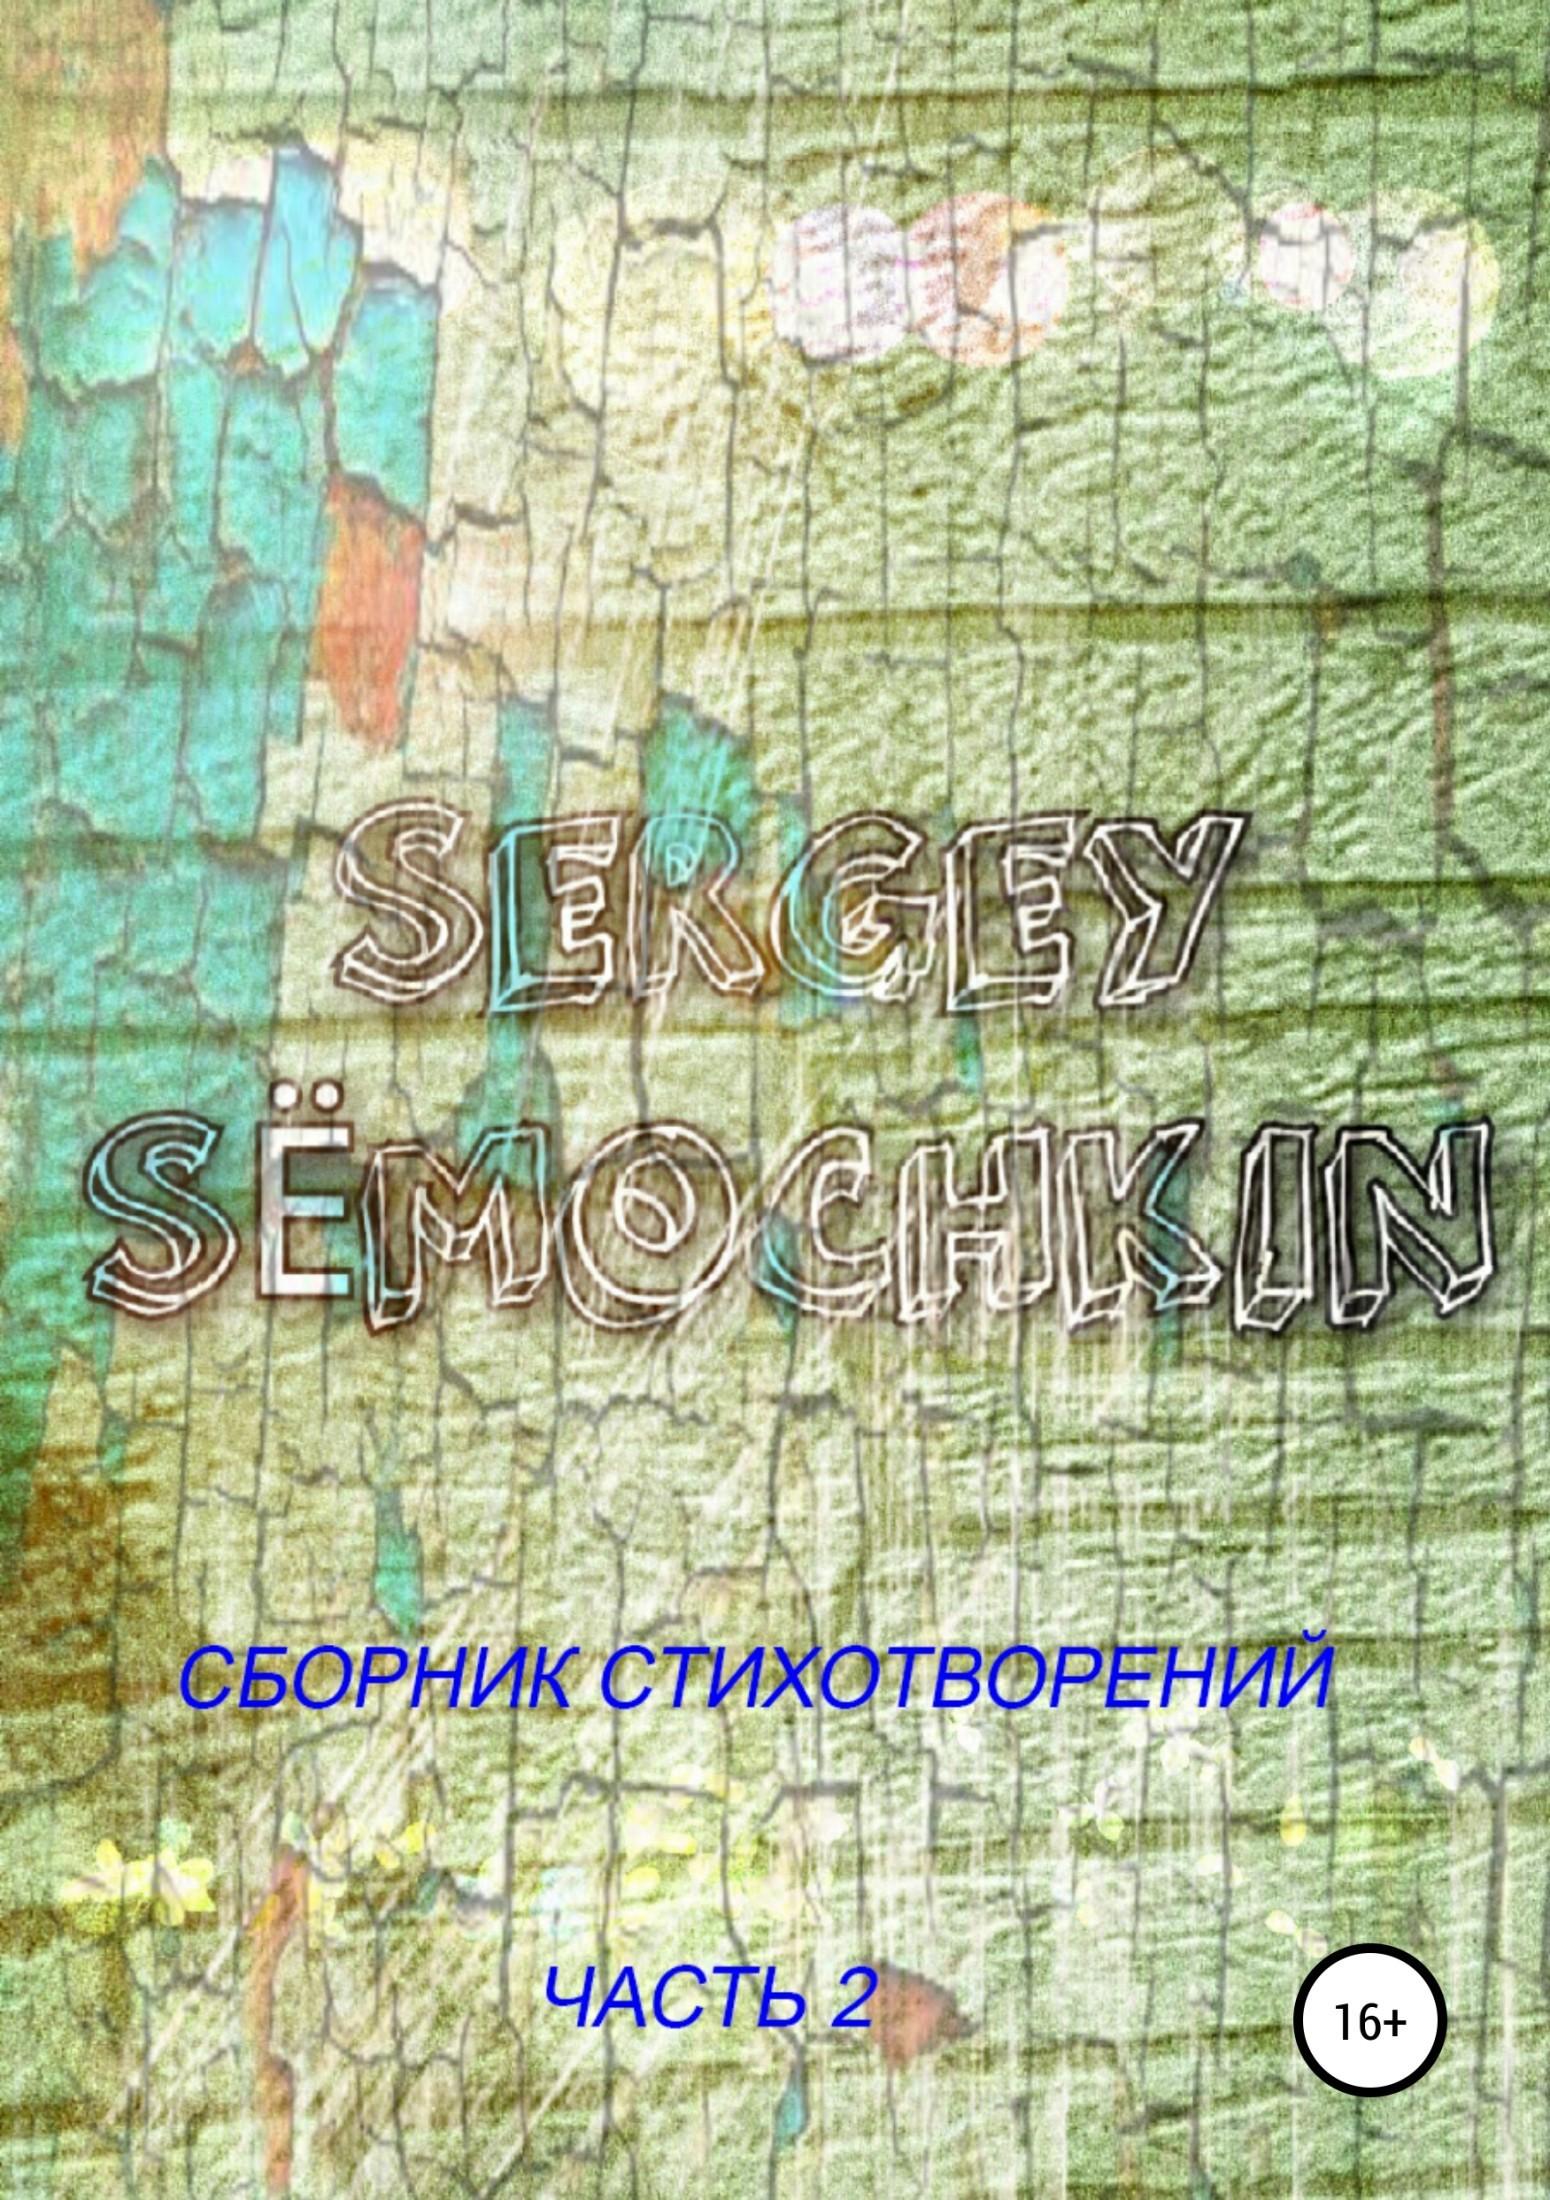 Сергей Дмитриевич Сёмочкин Сёмочкин Сергей: Сборник Стихотворений. Часть 2.